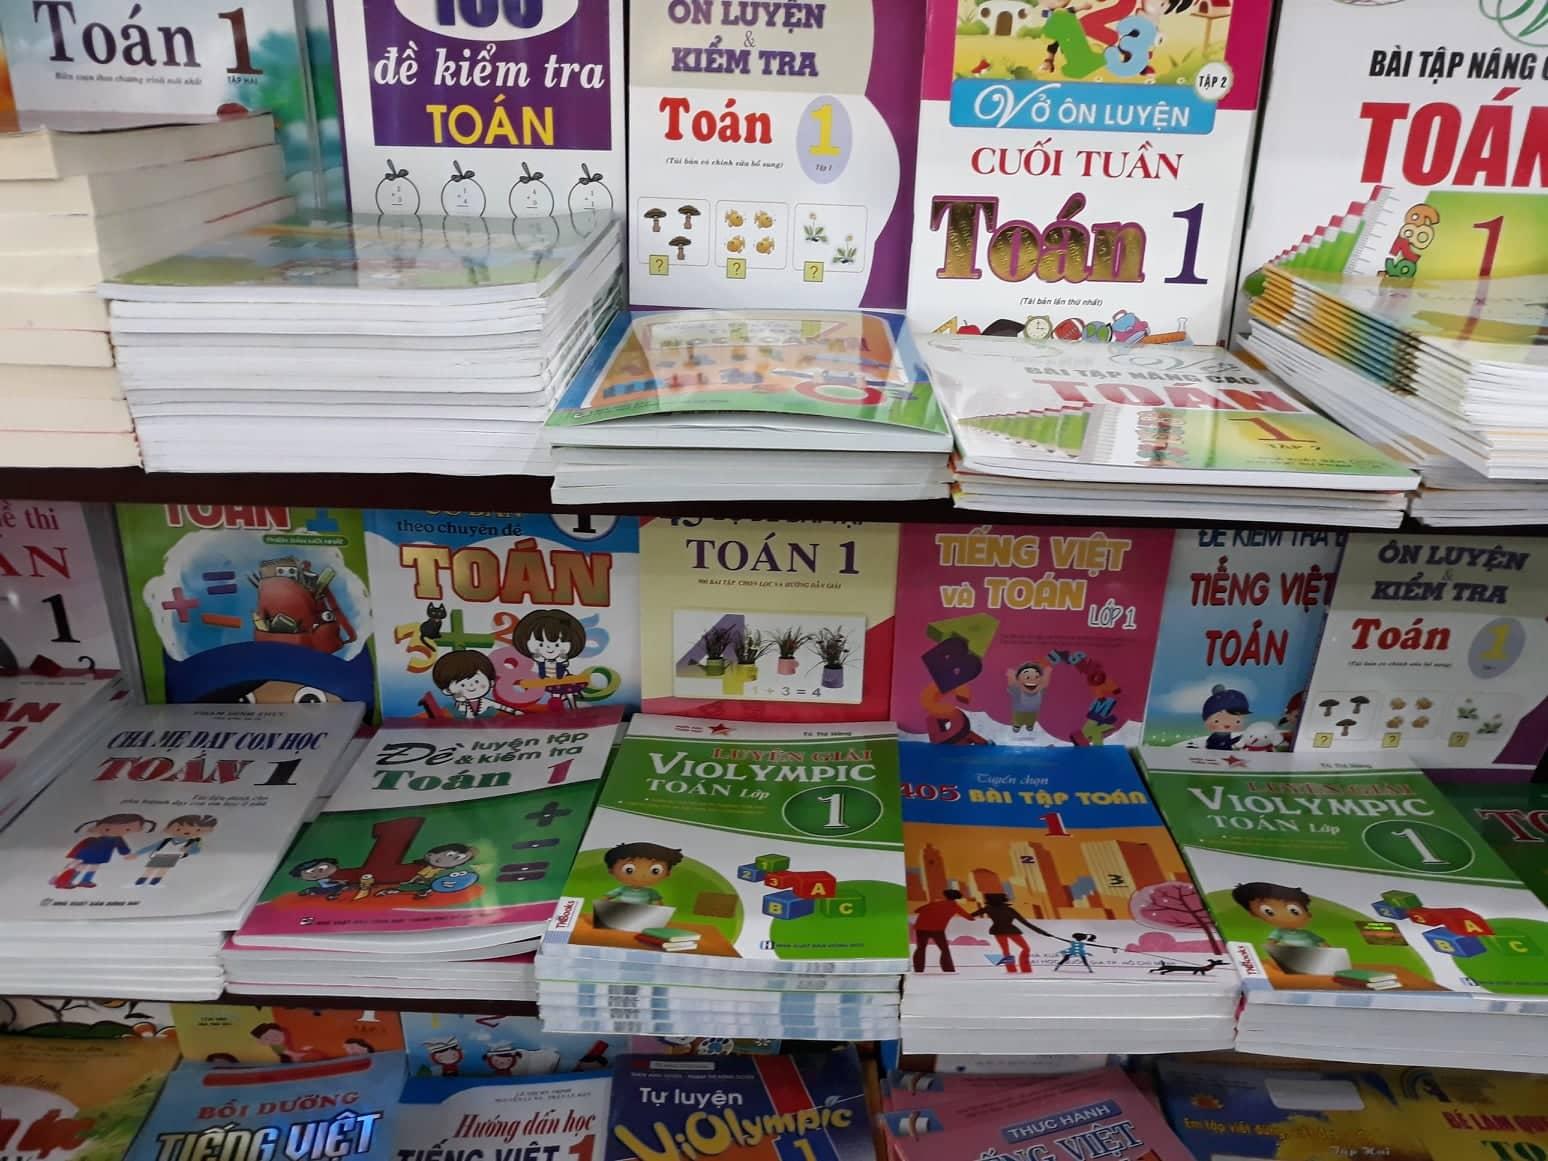 Trên thị trường còn nhiều sách tham khảo lớp 1 nhưng lại thiếu sách giáo khoa. Ảnh: C.N